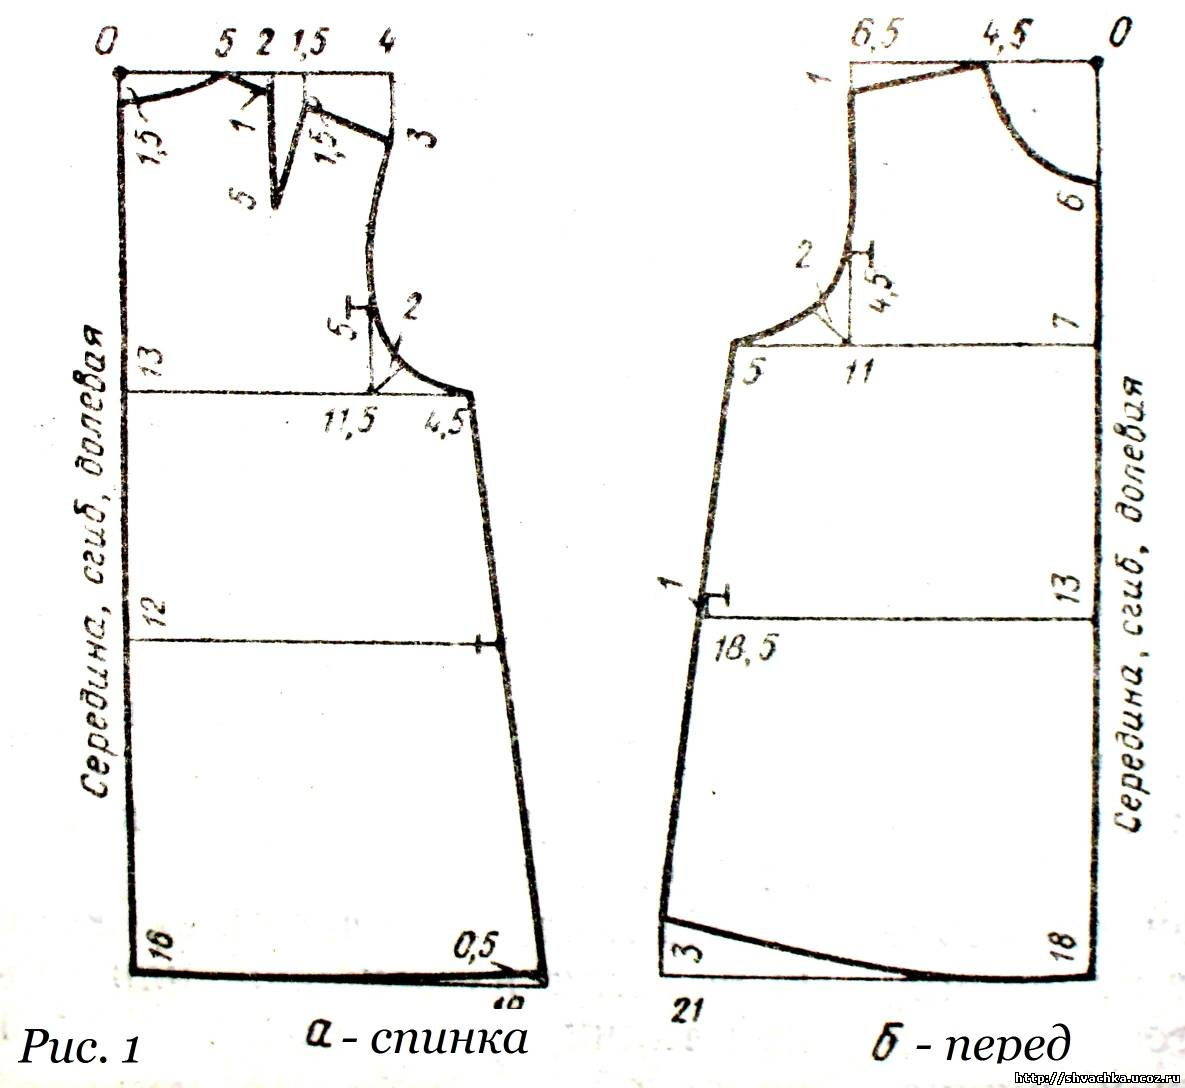 Шитье детям: выкройки и описания пошива детских юбочек, шорт, кофт, брюк 51